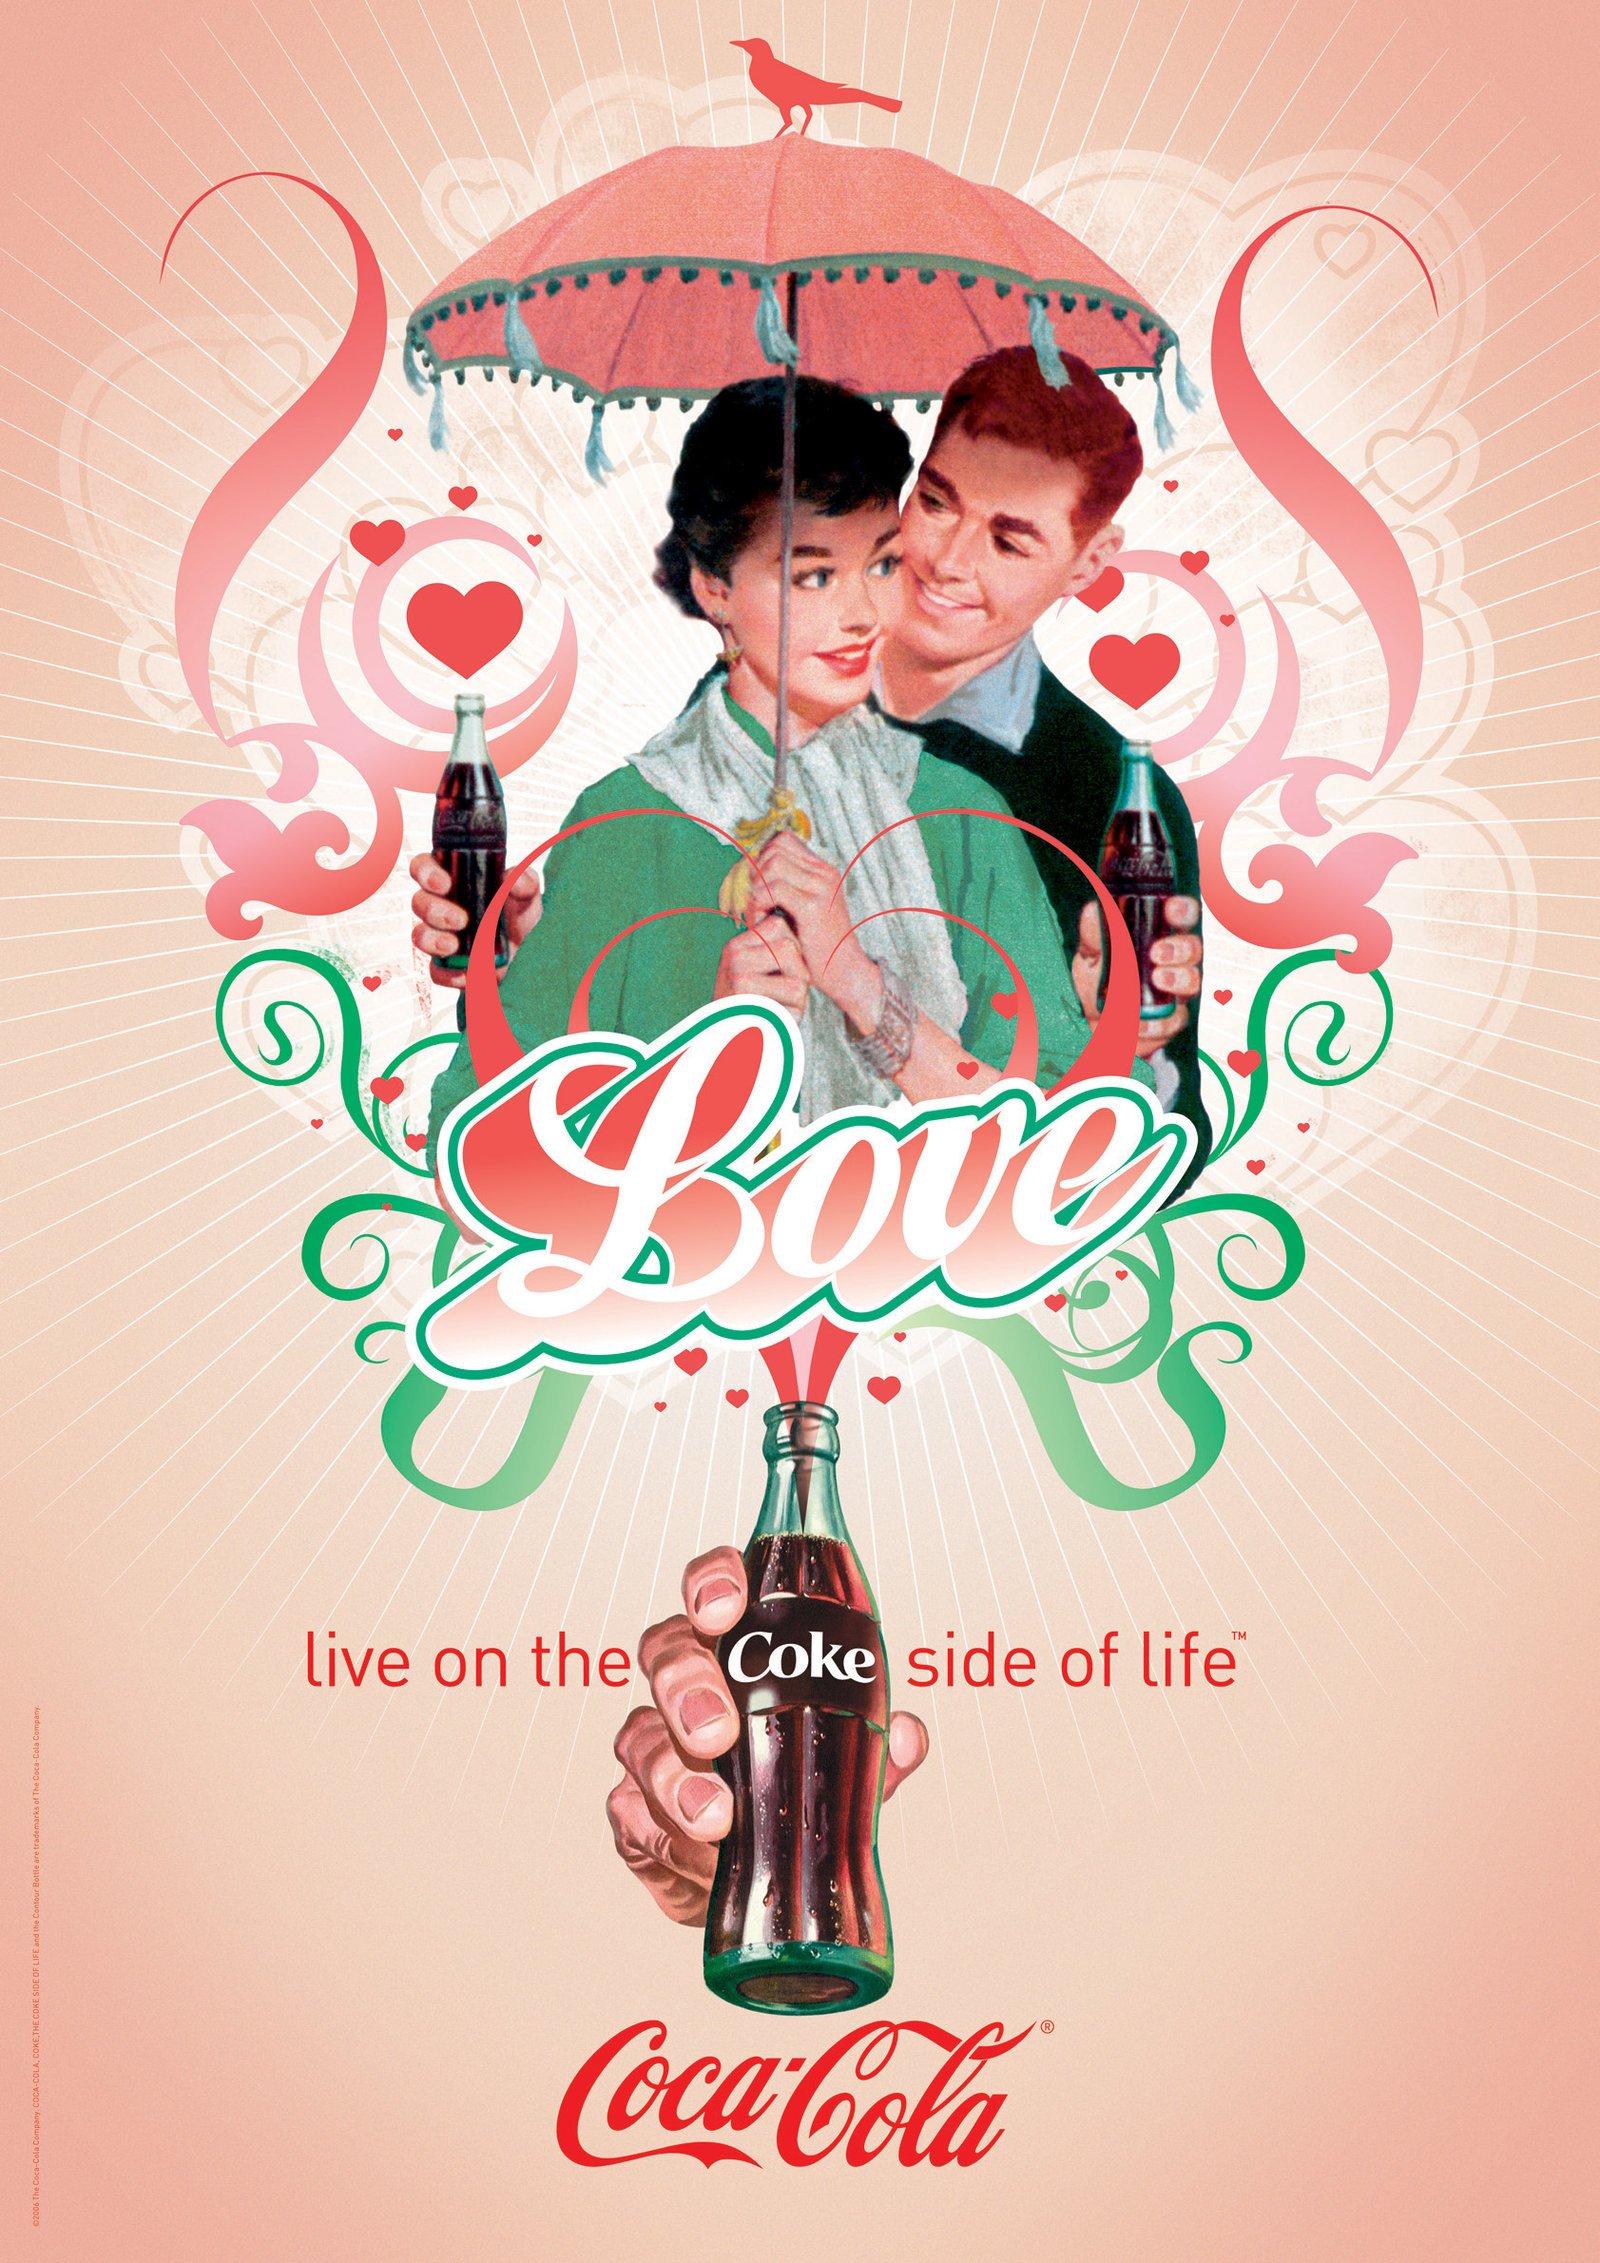 可口可乐创意海报和广告设计(7)图片